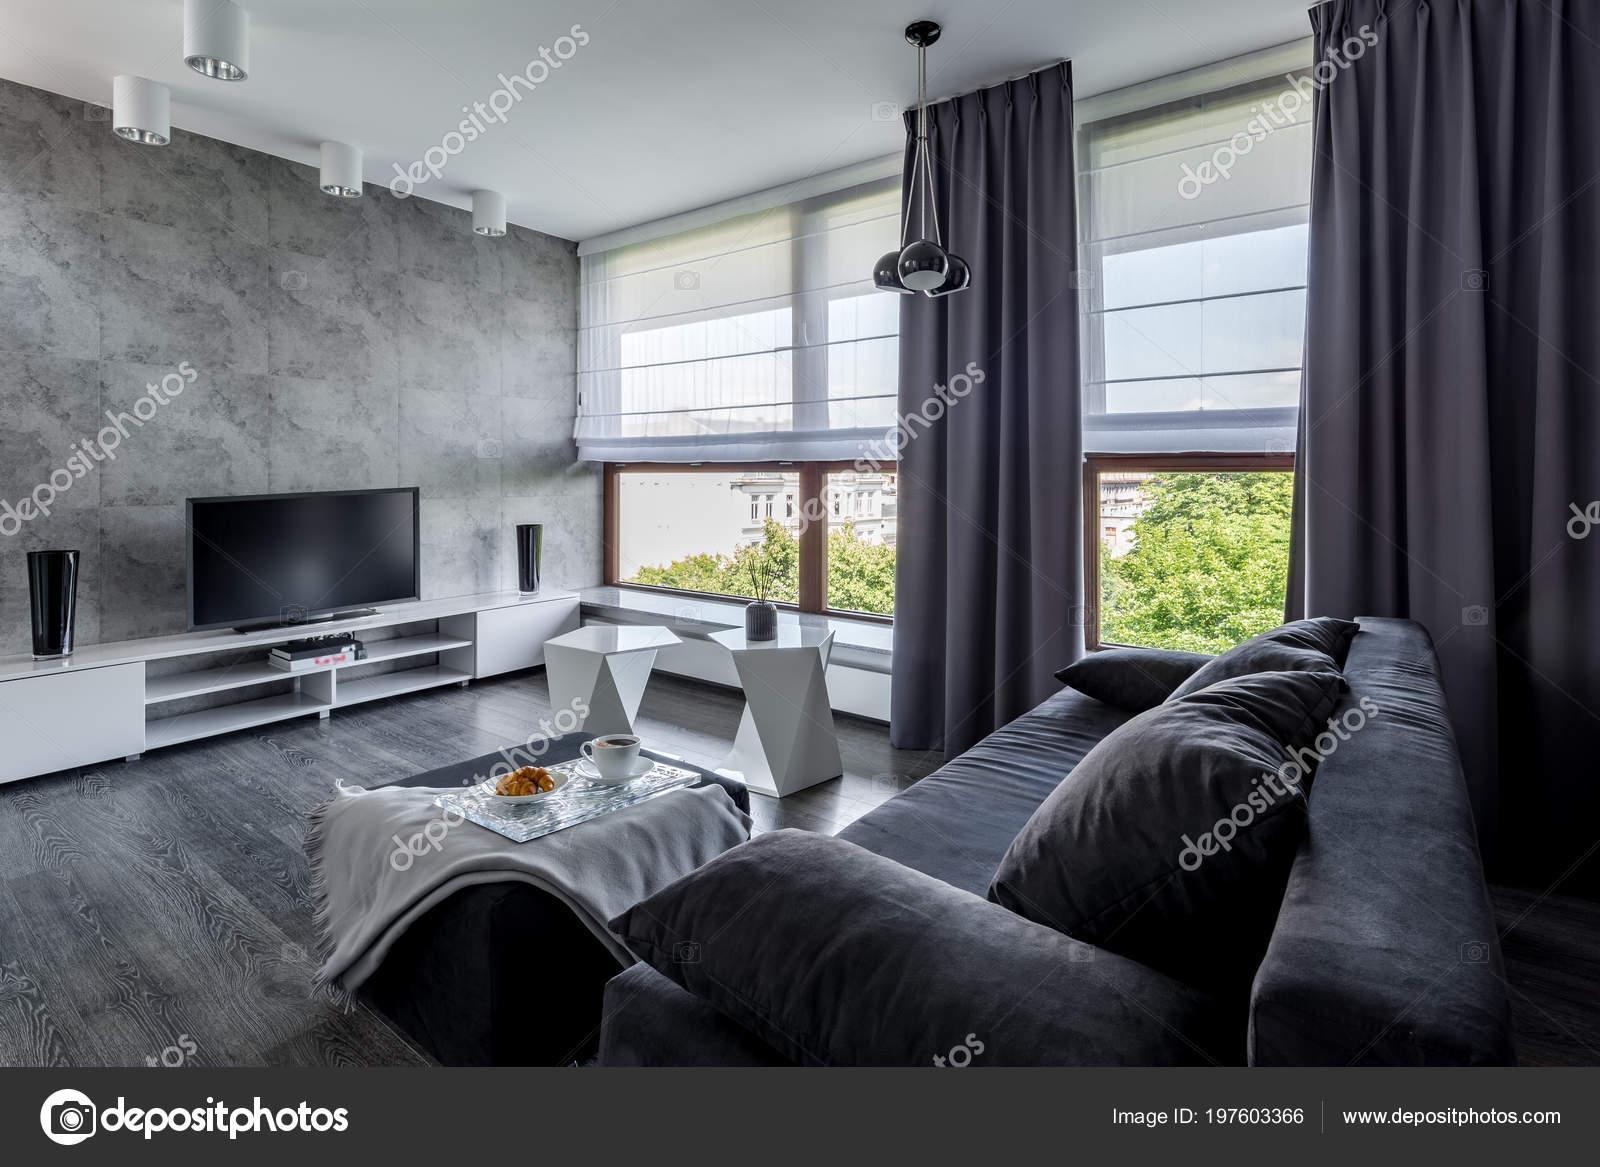 Moderne Wohnzimmer Mit Couch Neuen Design Couchtisch Und Großen ...